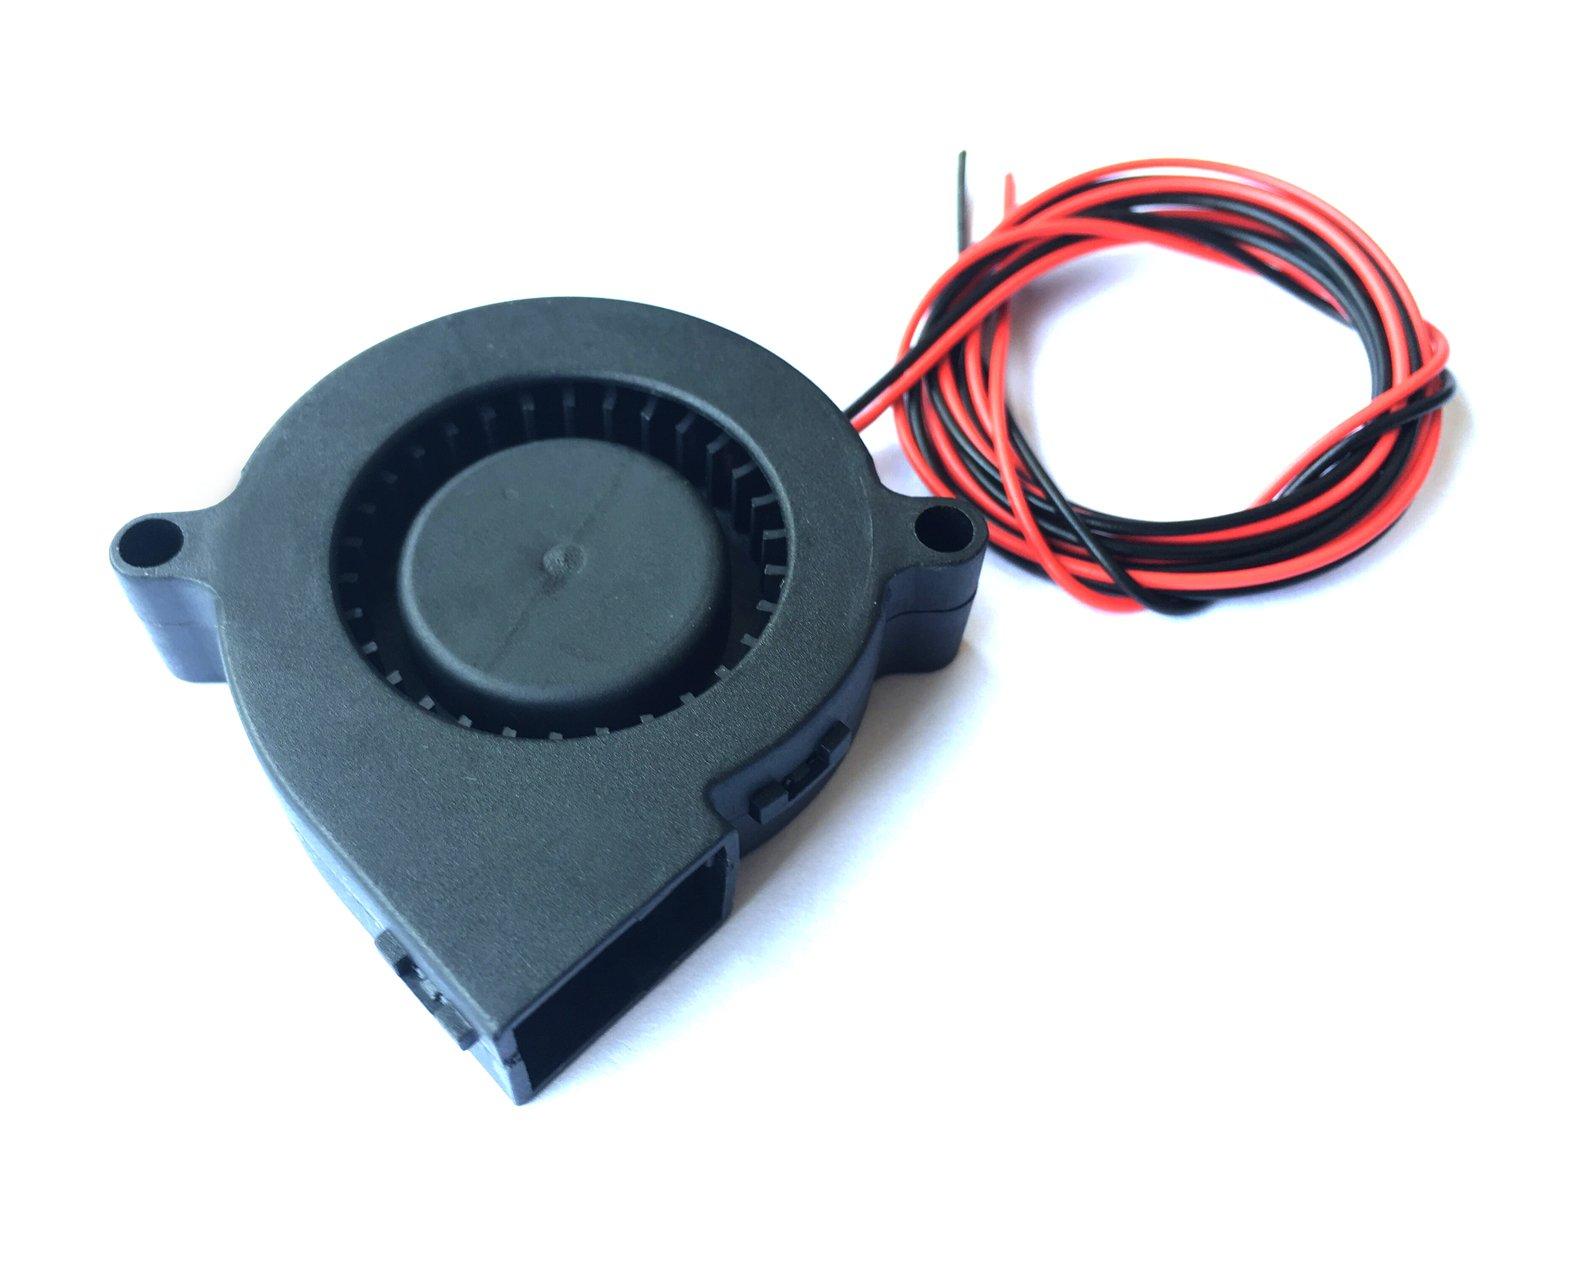 HICTOP 3D Printer Turbo Fan Blower Fan 0.9M Wiring 12V DC 50mm x 15mm Cooling Fan 3D Printer Parts (2 Packs)